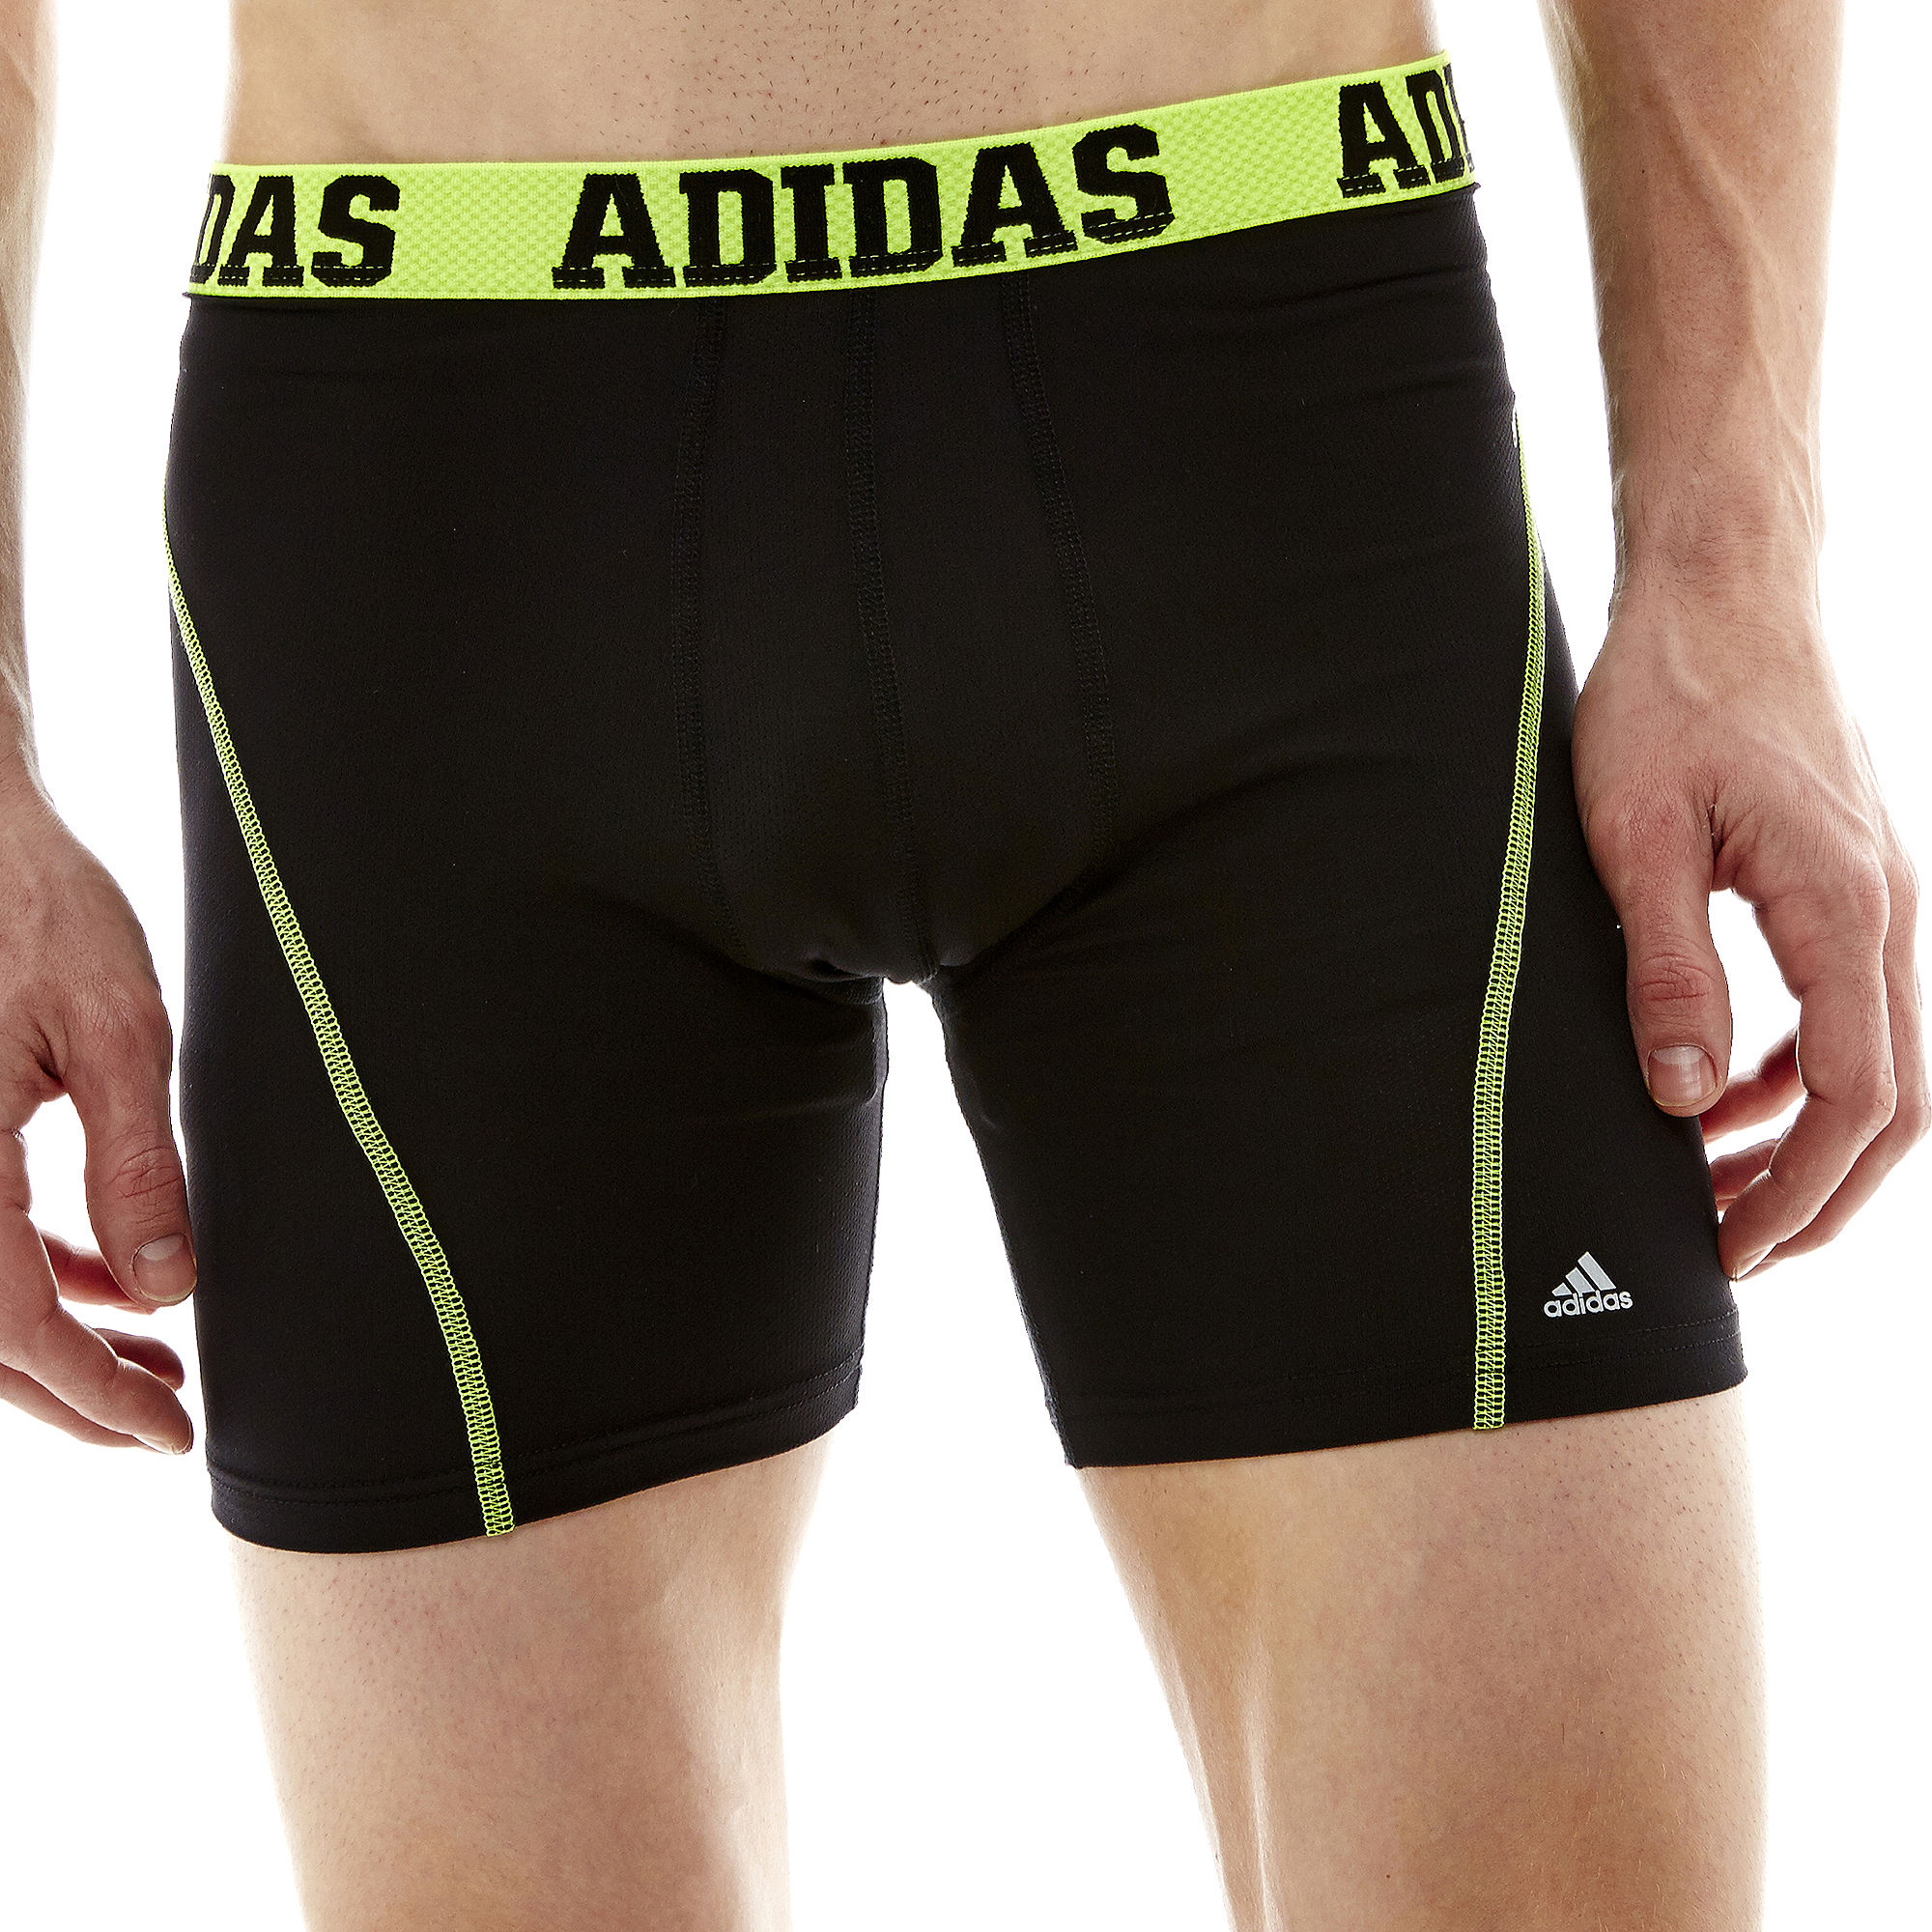 adidas climacool underwear